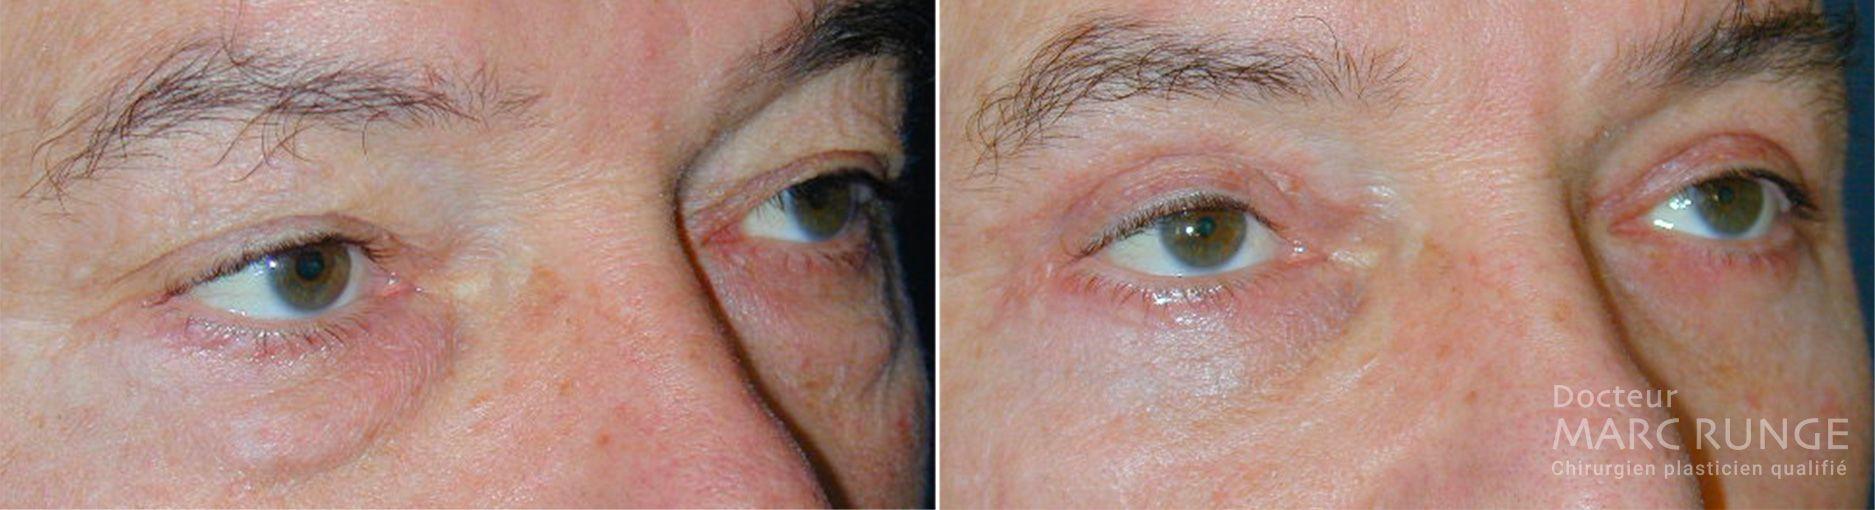 Photo de la paupière avant et après la blépharoplastie réalisée par Dr Runge, médecin et chirurgien esthétique à Paris et Beauvais (Oise)